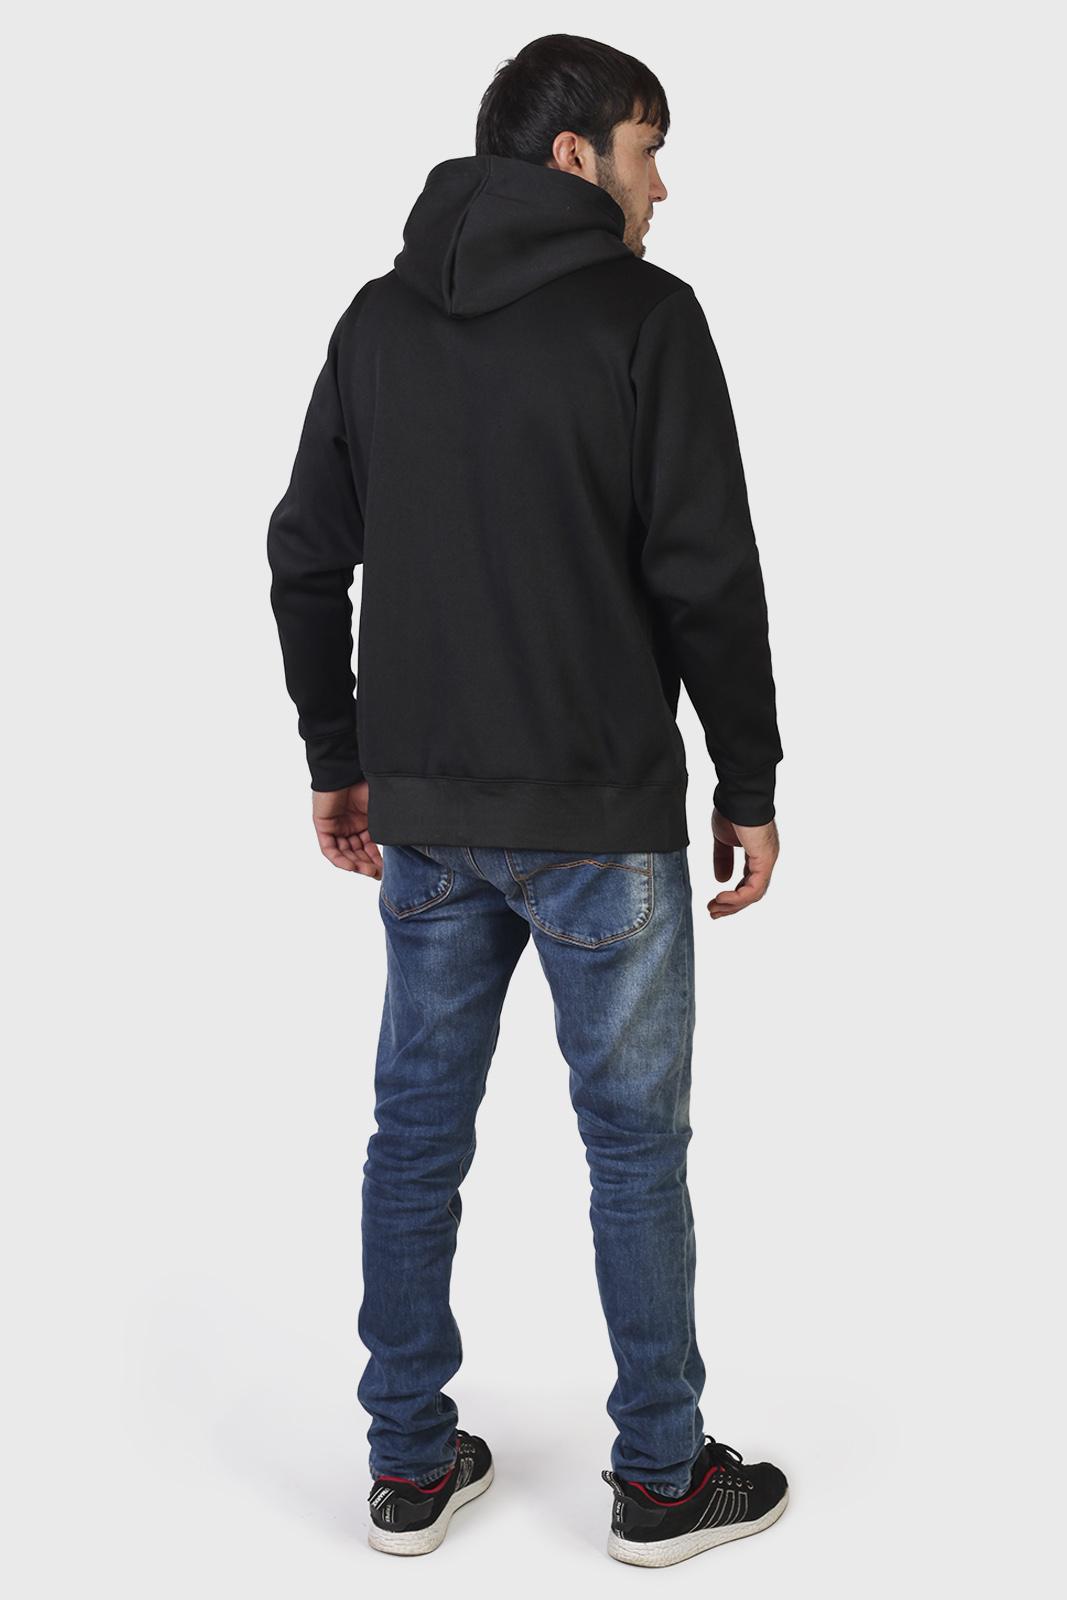 Плотная черная мужская толстовка купить в розницу